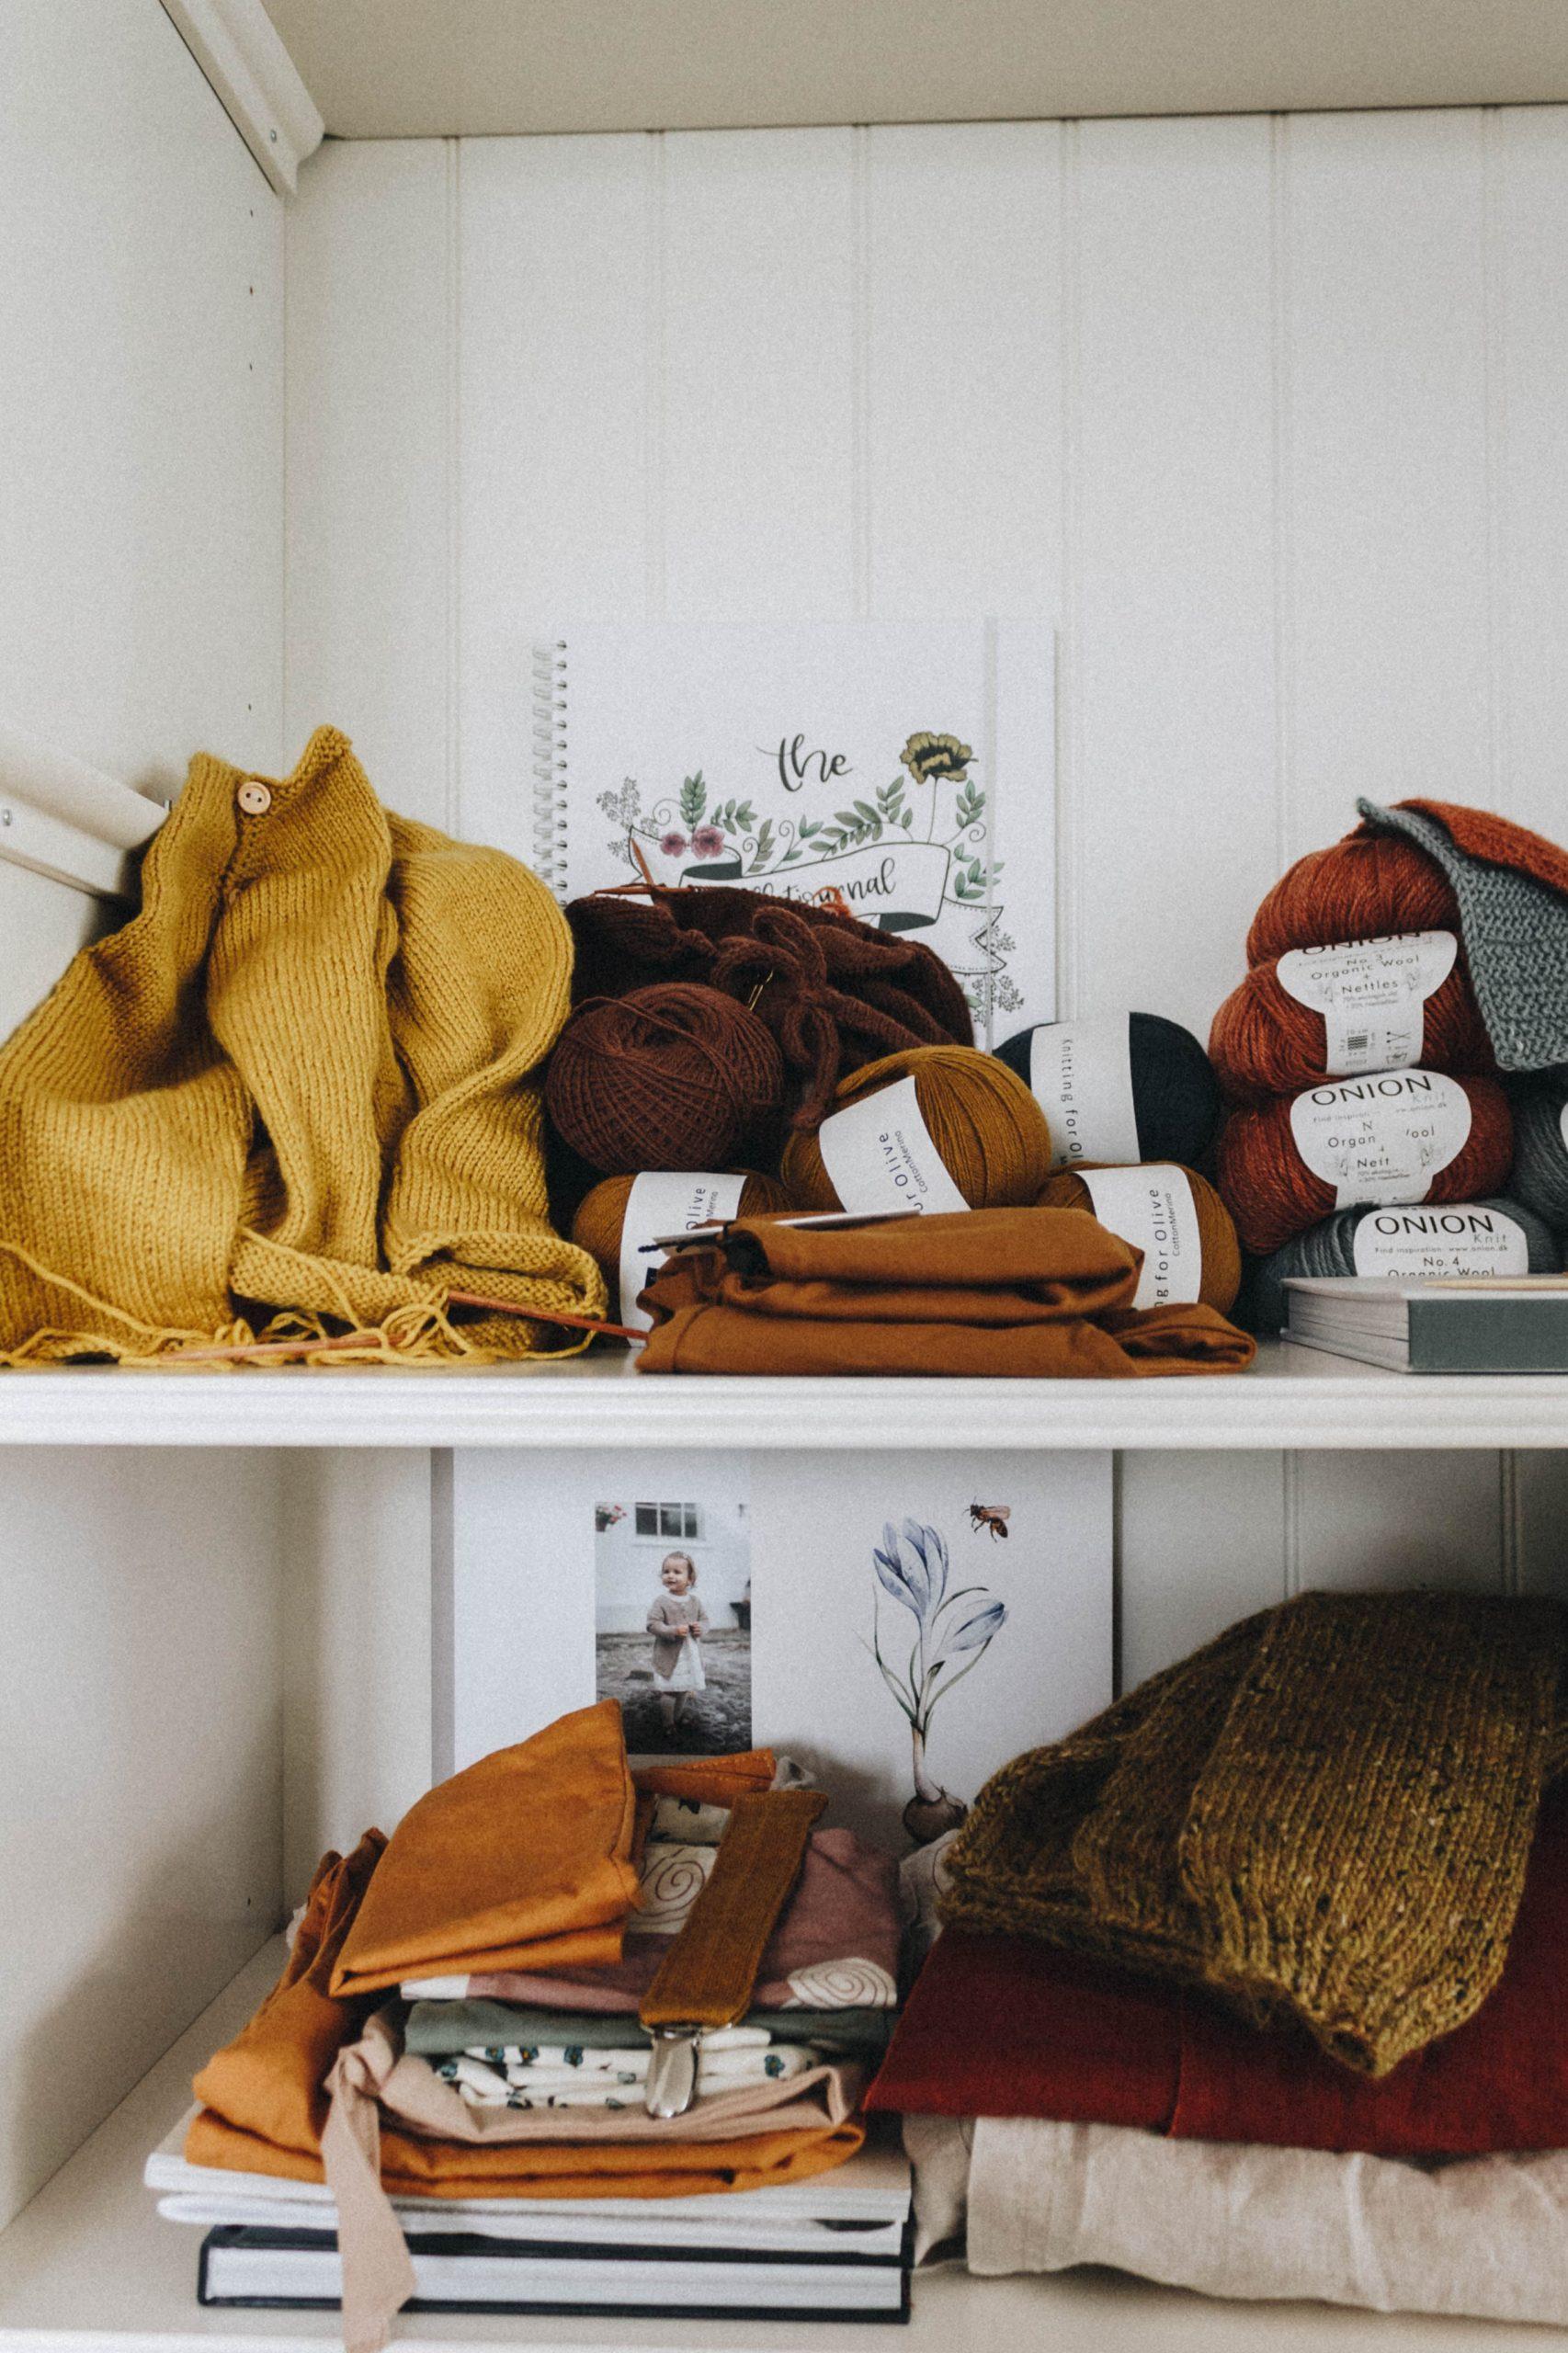 Chaos in huis? 5 manieren om het weer gezellig te maken